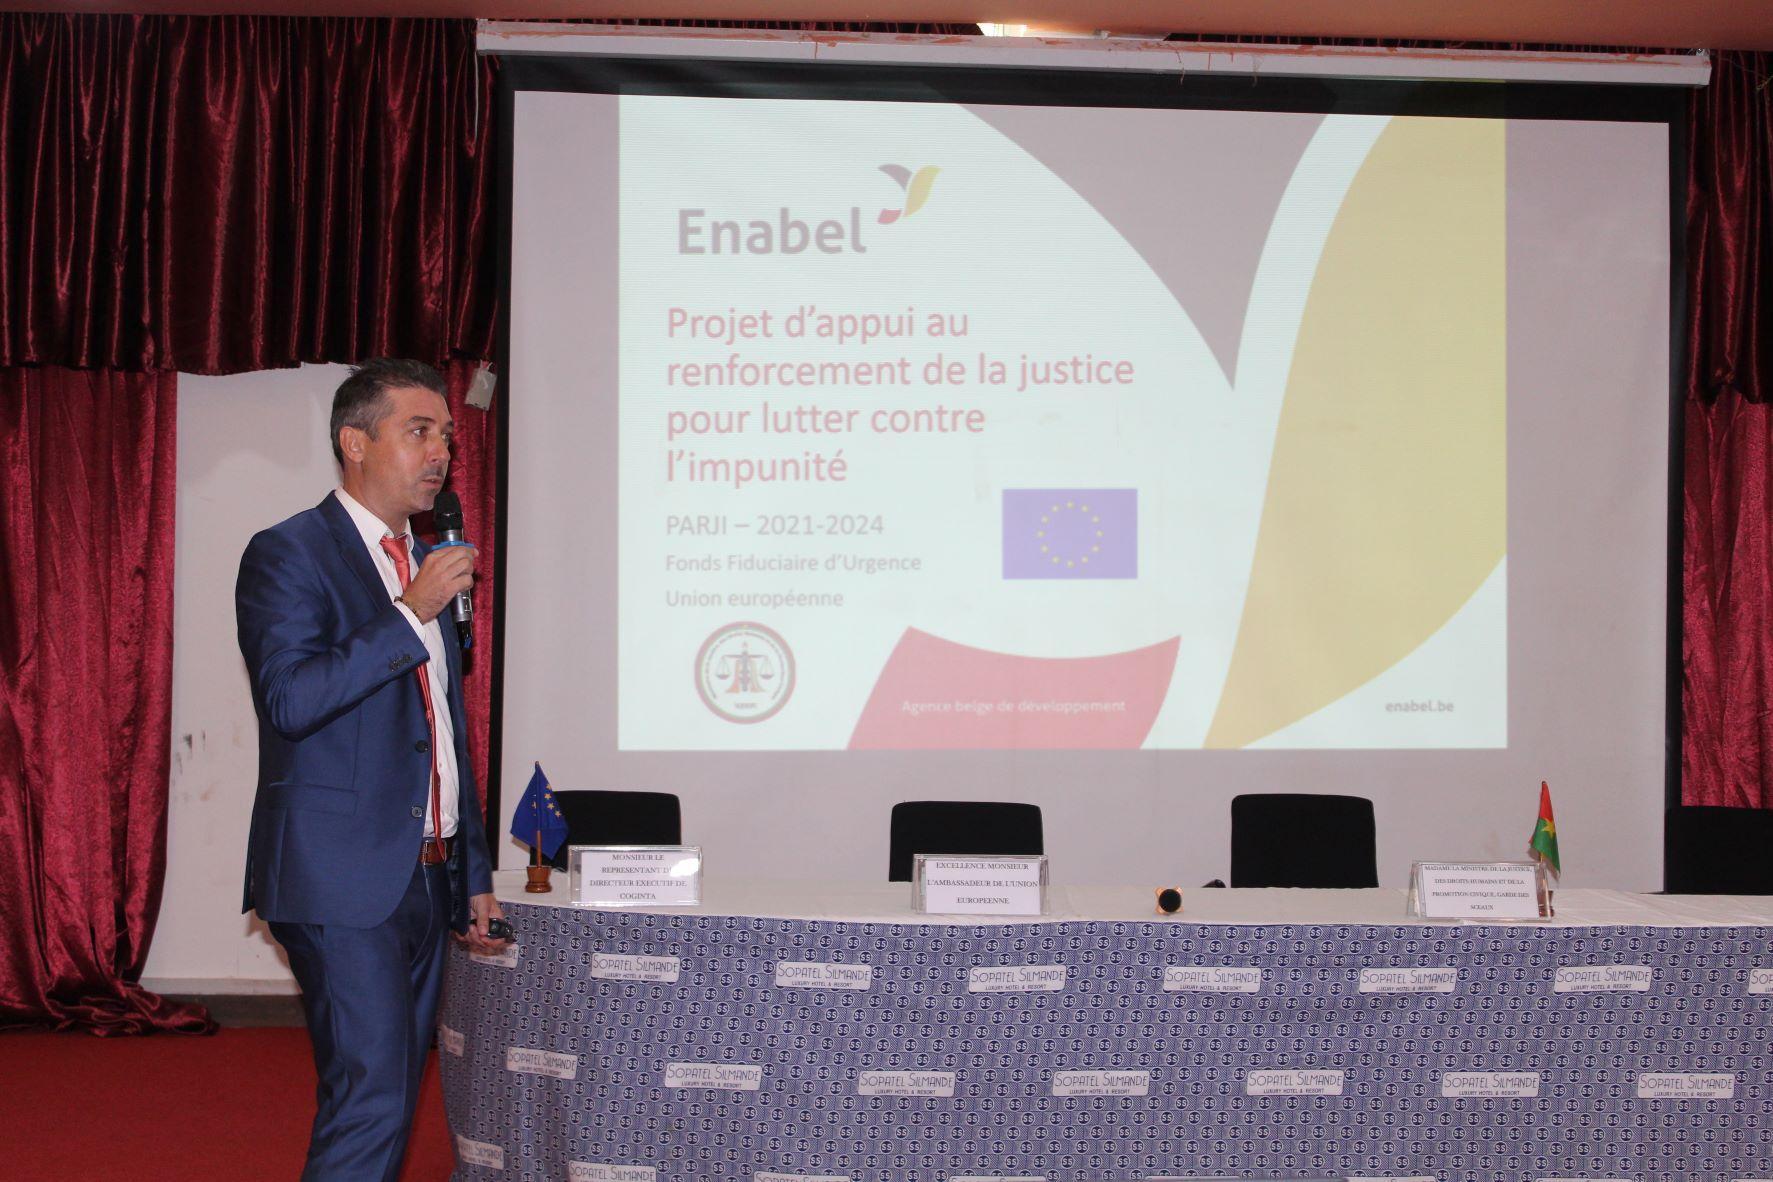 Lutte contre l'impunité au Burkina Faso : Enabel exécutera partiellement le programme justice lancée par l'Union Européenne